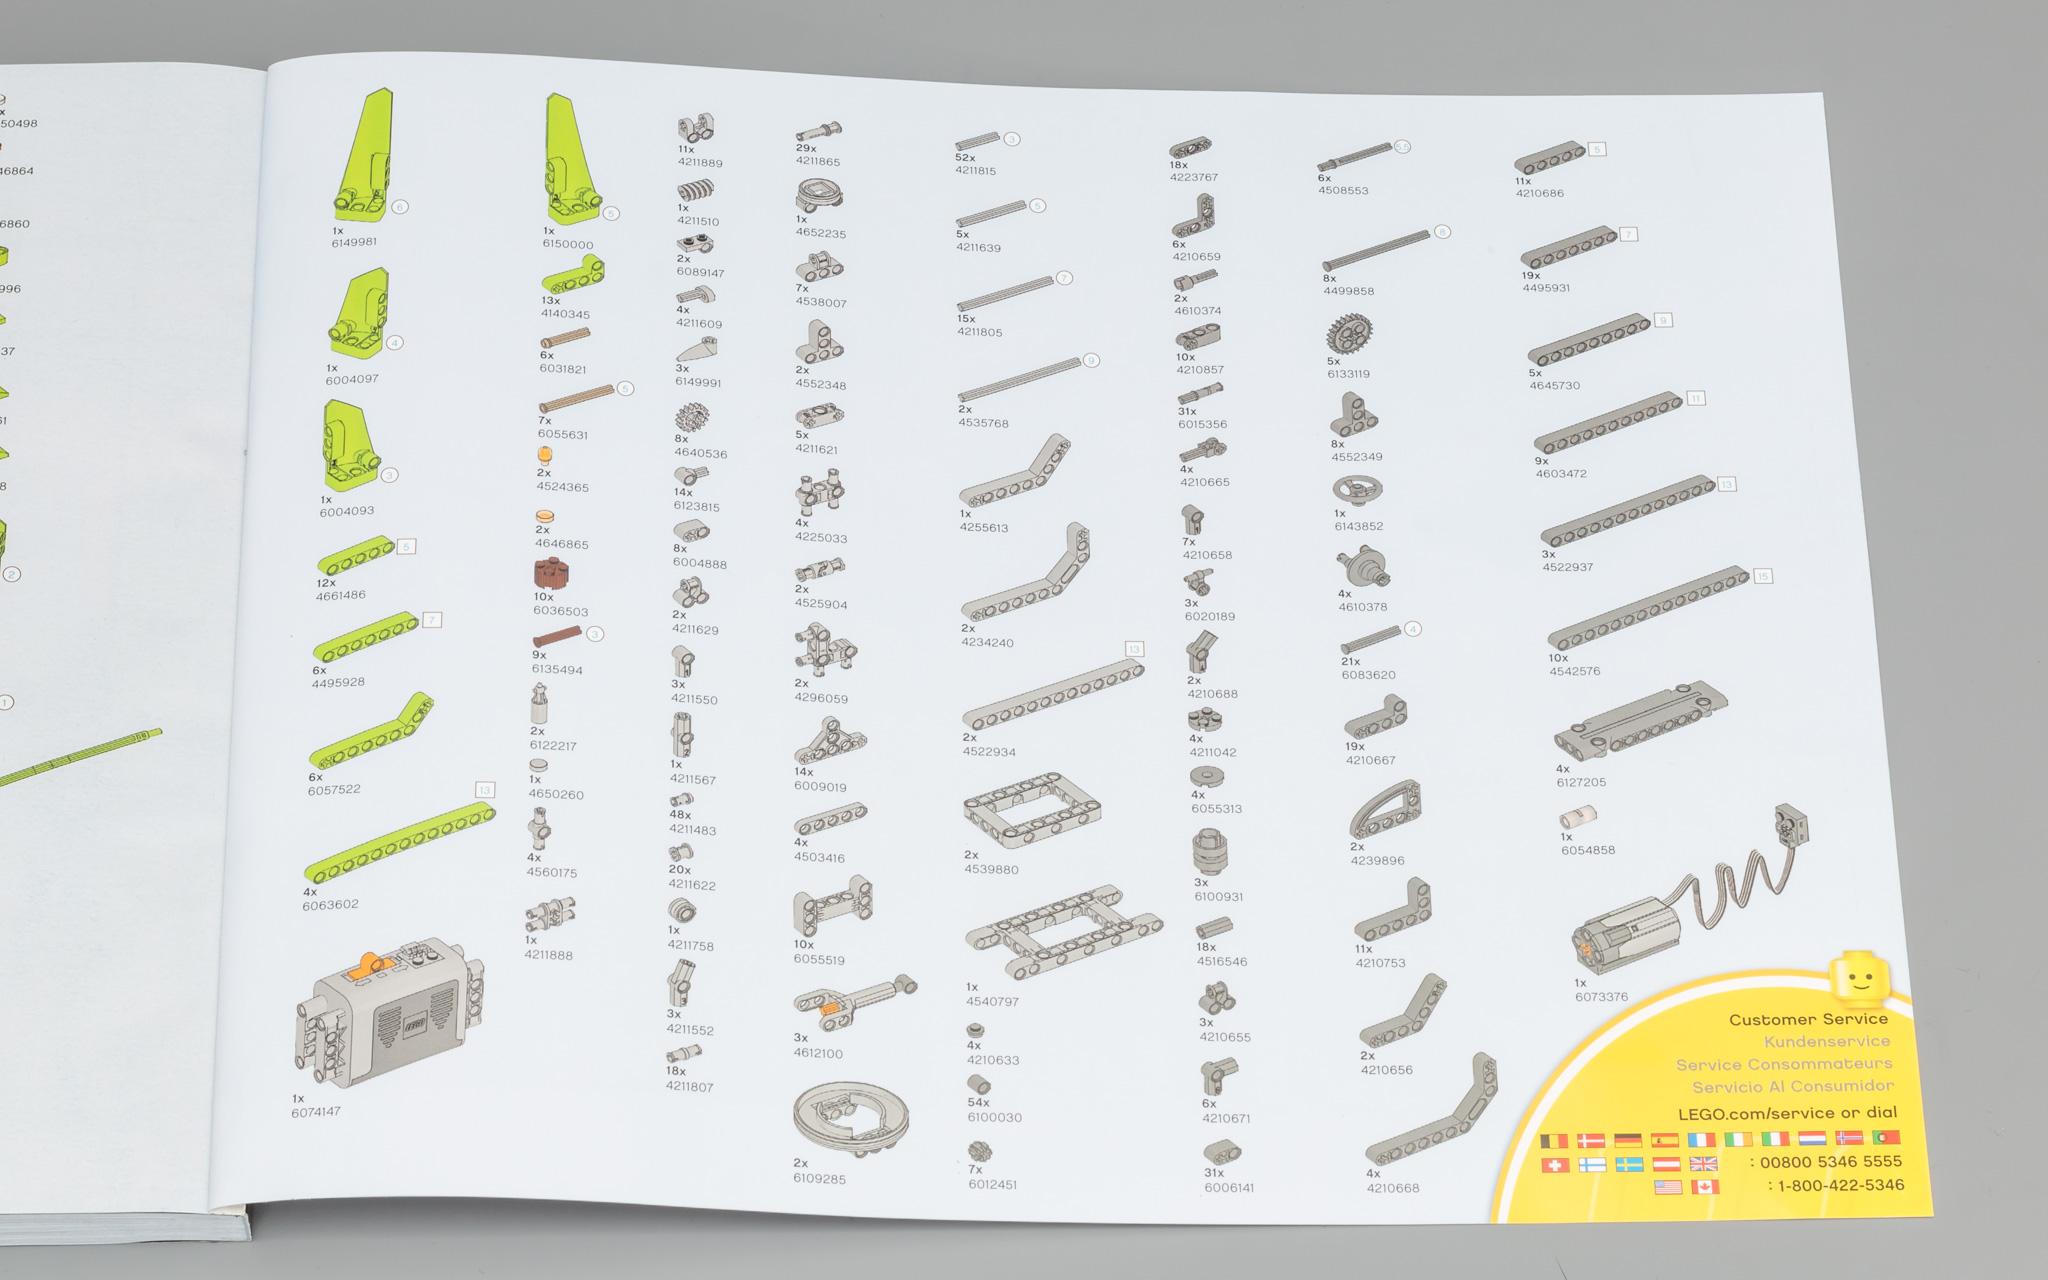 [Lego] LEGO TECHNIC - Page 8 27647967434_a106983ef3_o